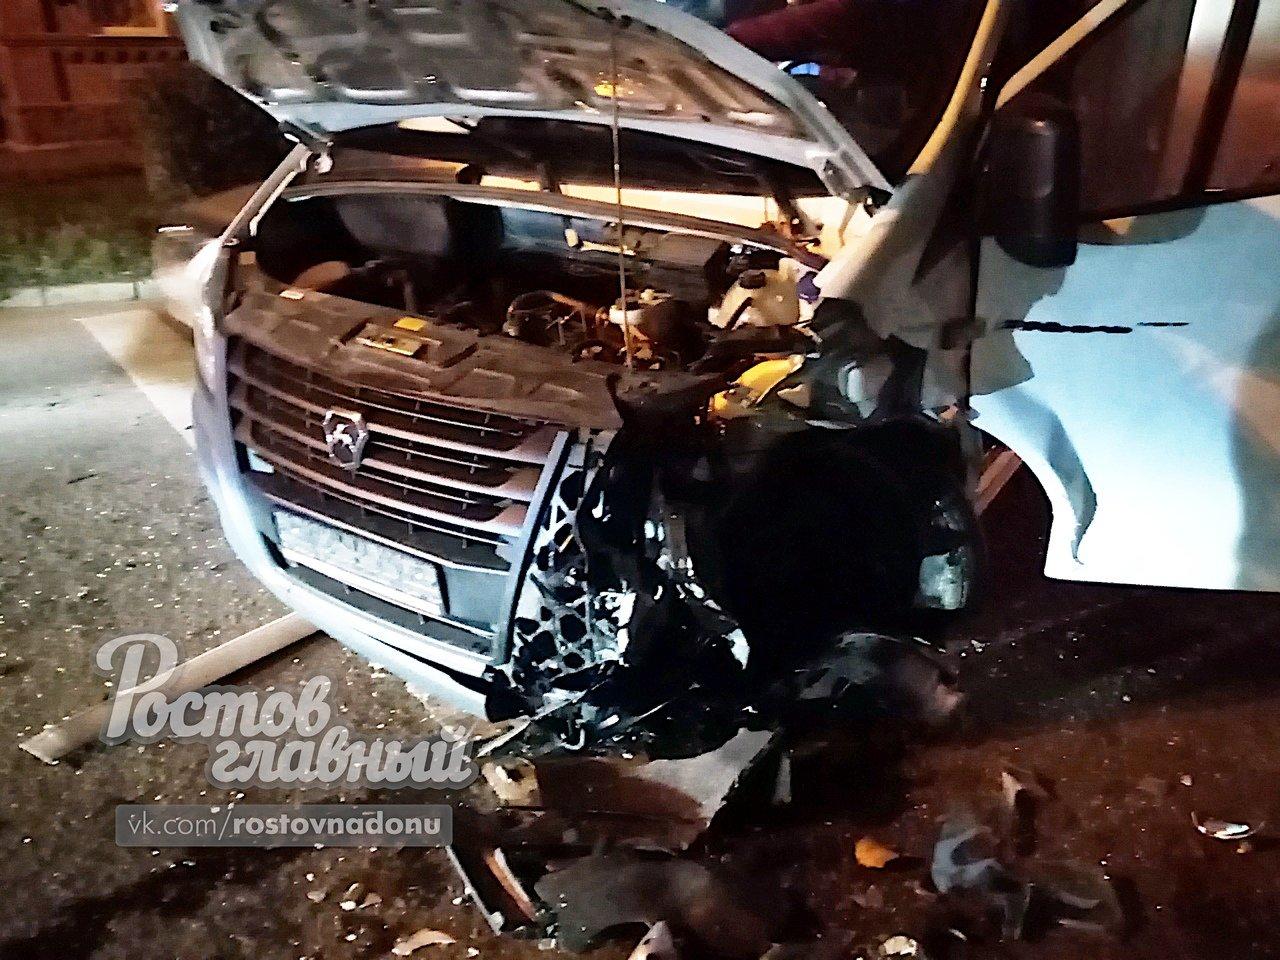 В ночном ДТП в Ростове водителя ВАЗа зажало в своей машине, фото-1